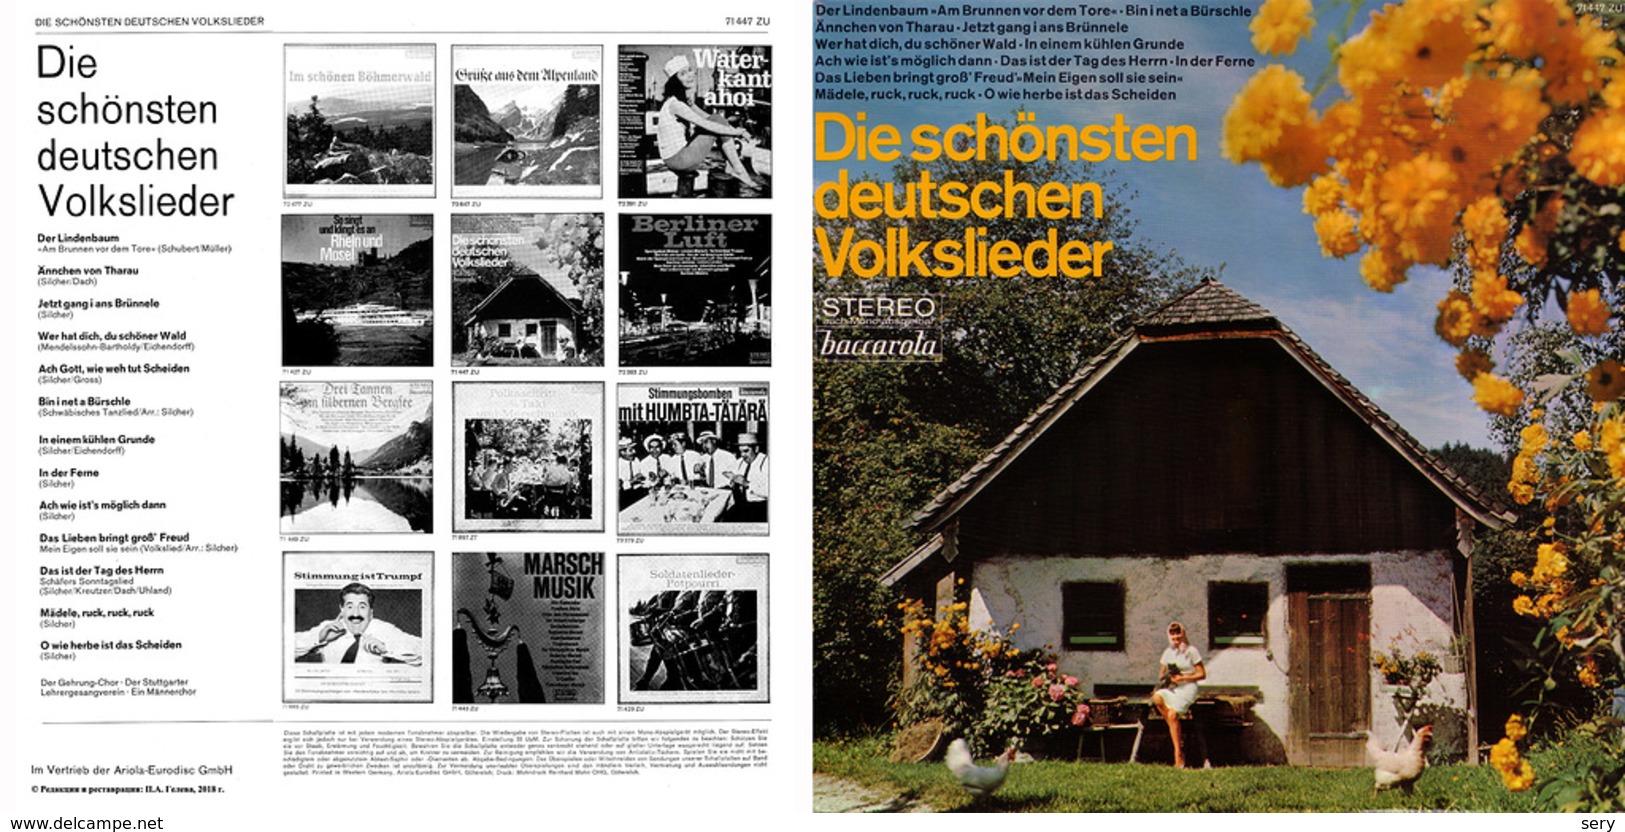 Superlimited Edition CD  Der Gehrung-Chor. DIE SCHÖNSTEN DEUTSCHEN VOLKSLIEDER. - Country & Folk